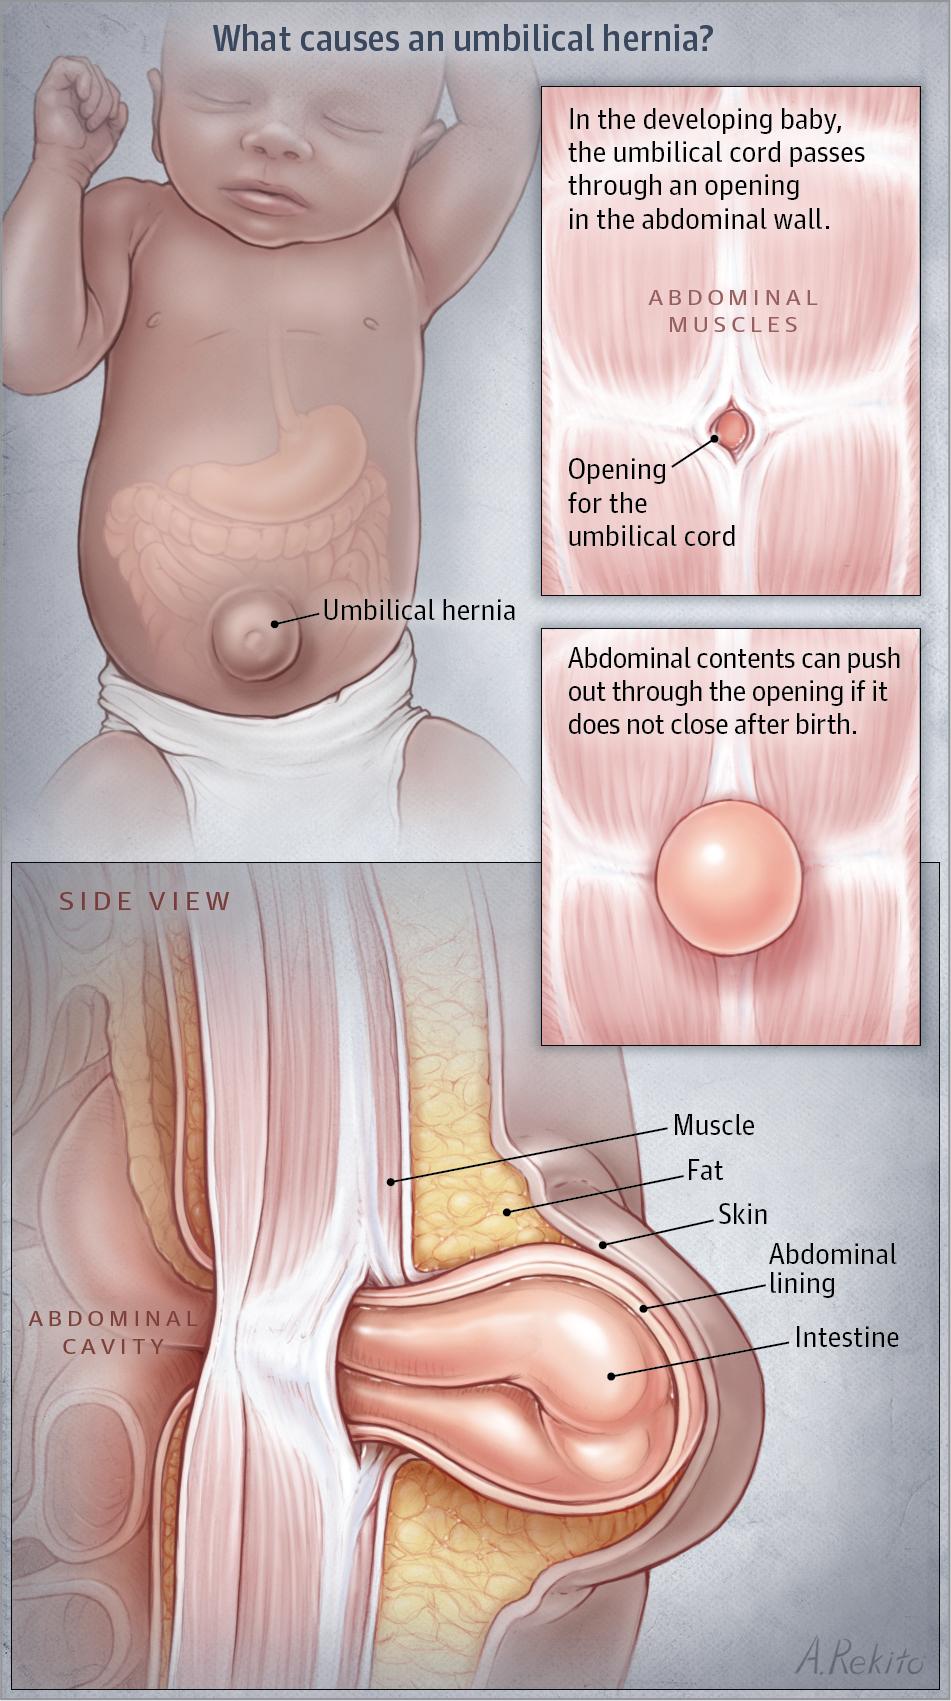 Umbilical Hernia Neonatology Jama Jama Network